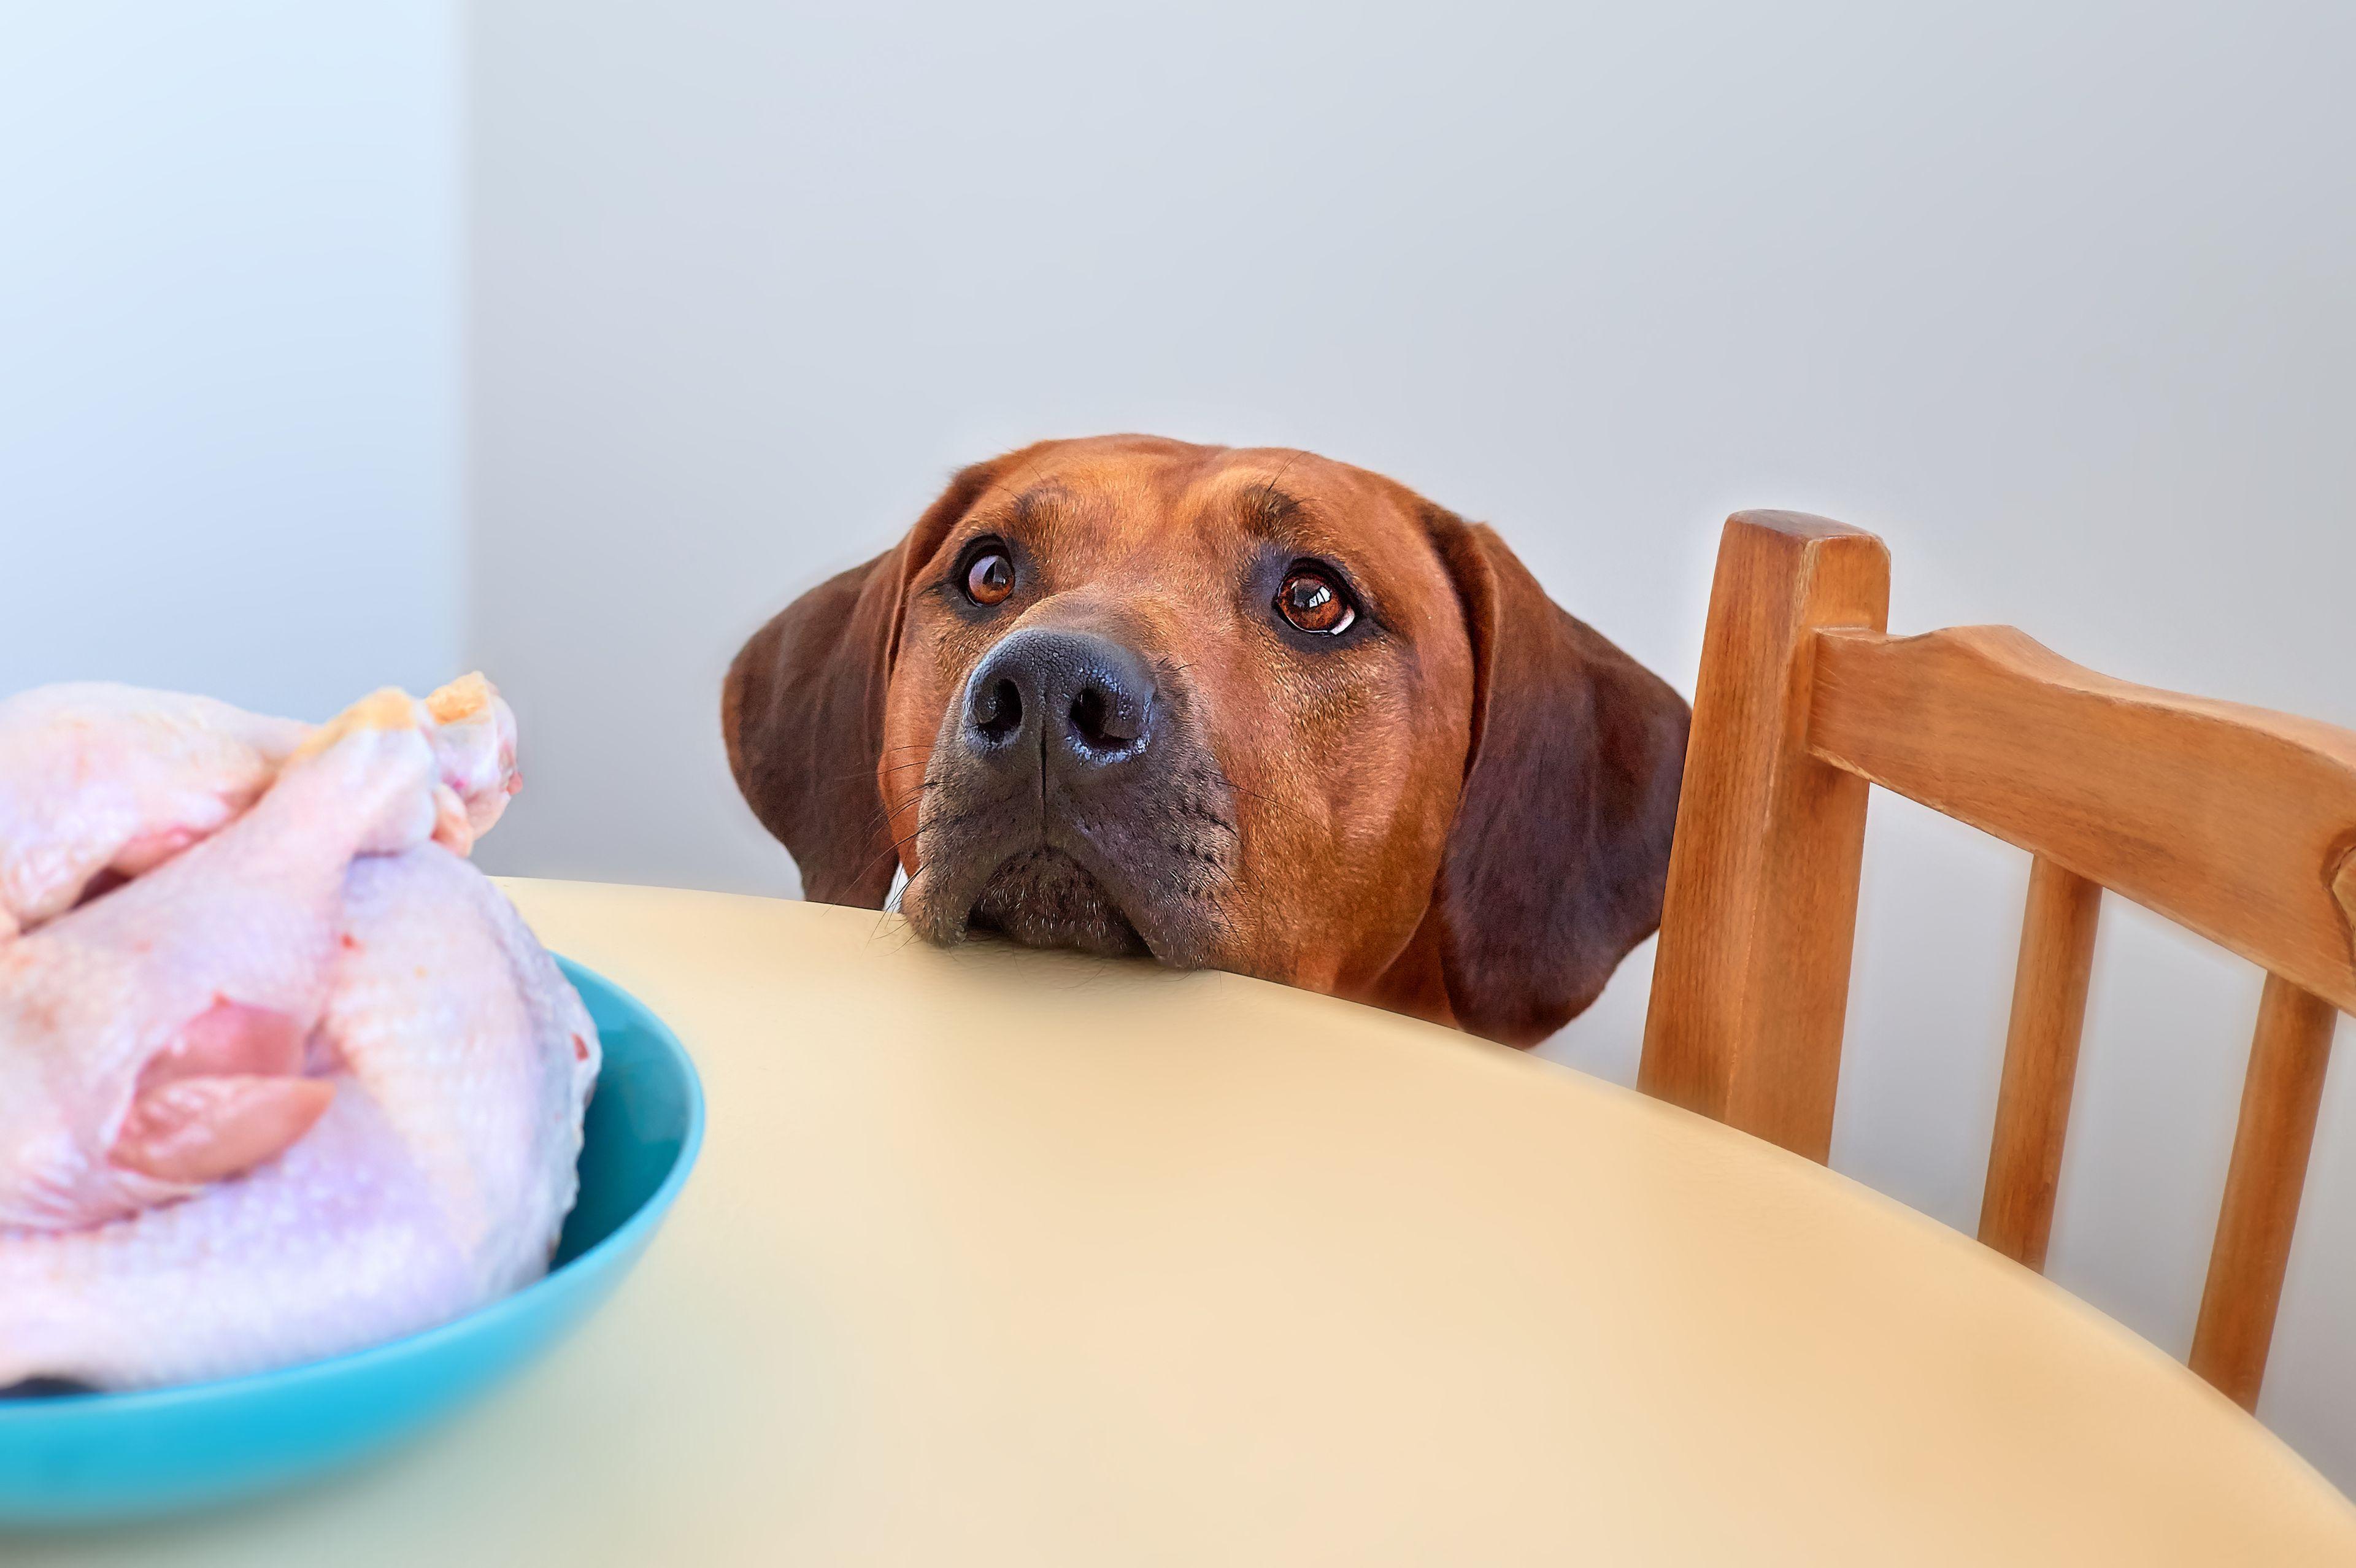 cane attende il cibo